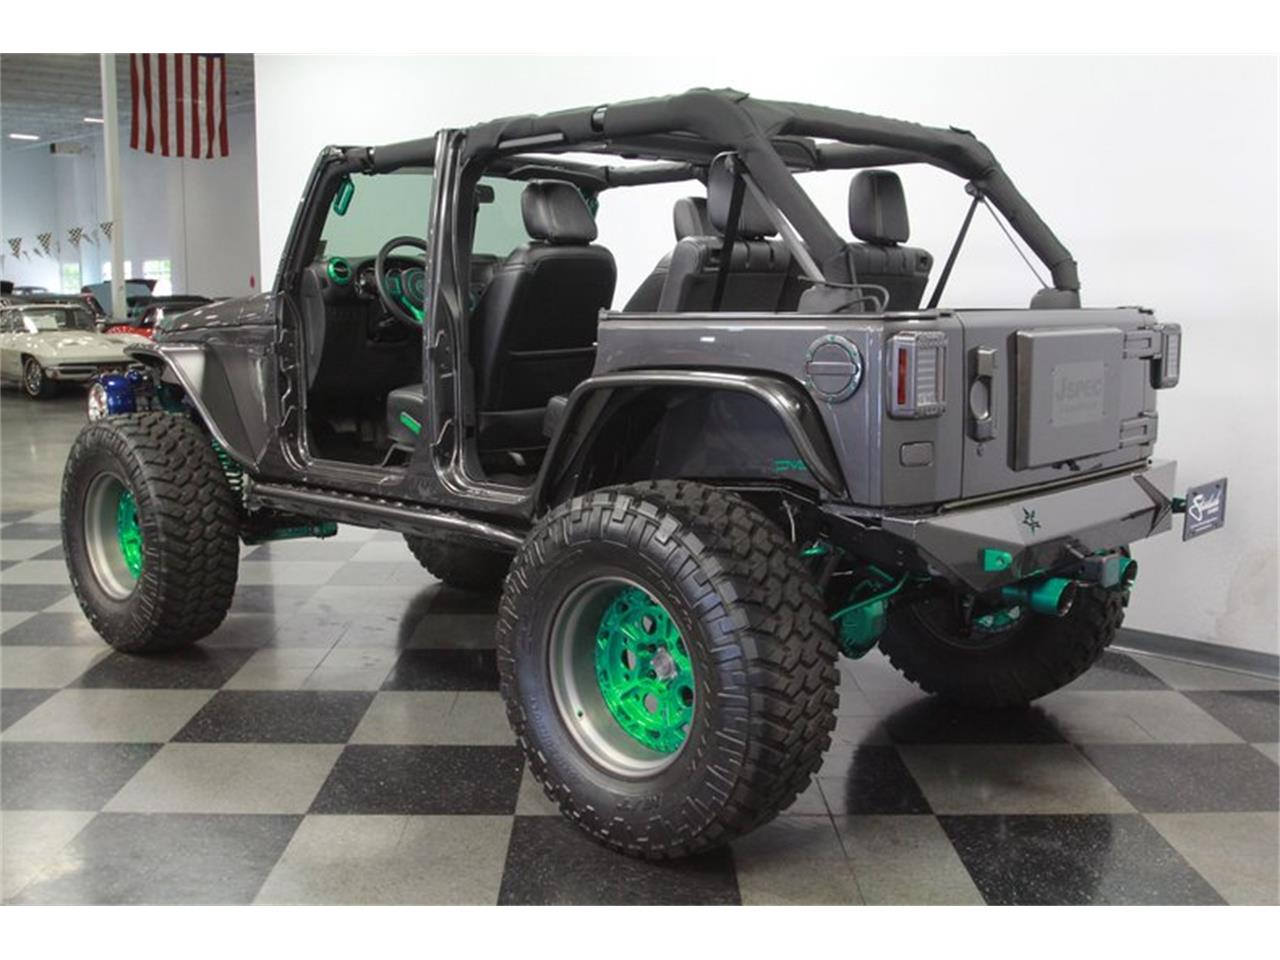 2017 Jeep Wrangler (CC-1355268) for sale in Concord, North Carolina